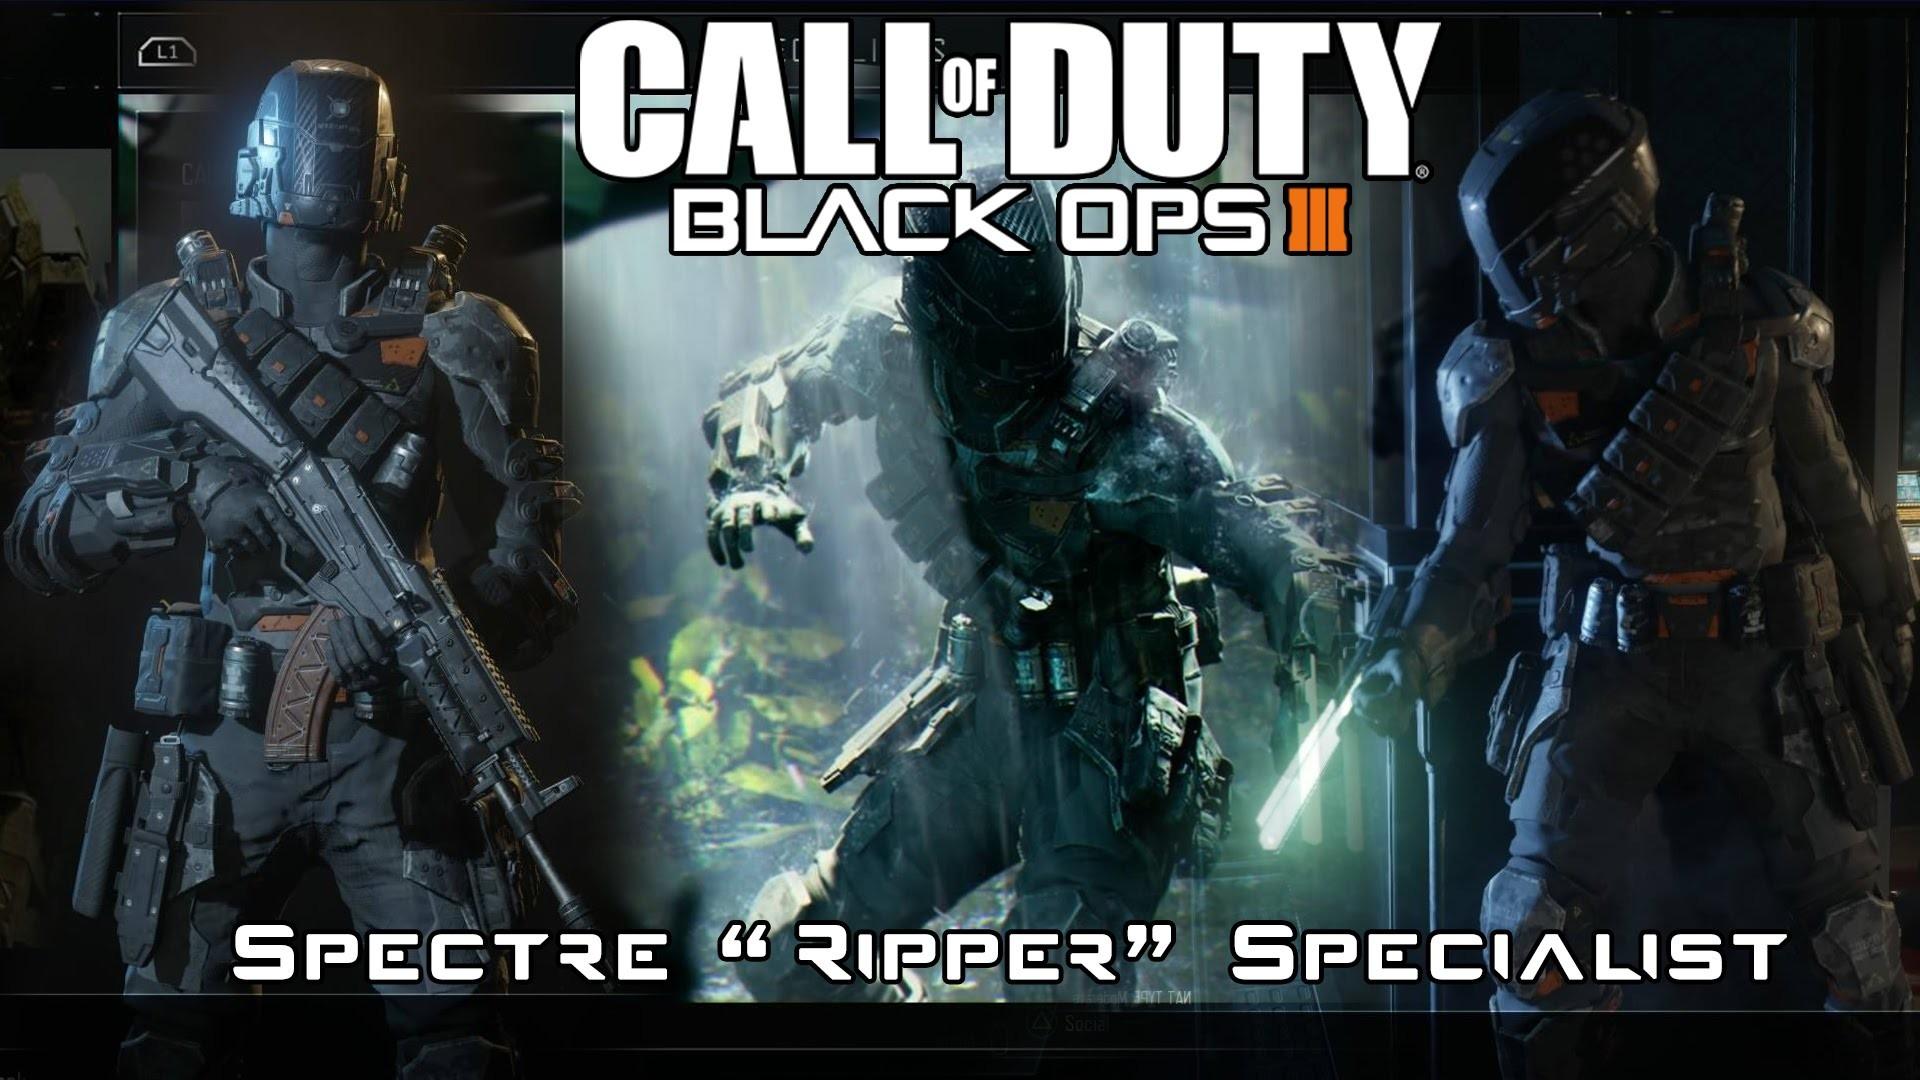 75 Black Ops 3 Spectre